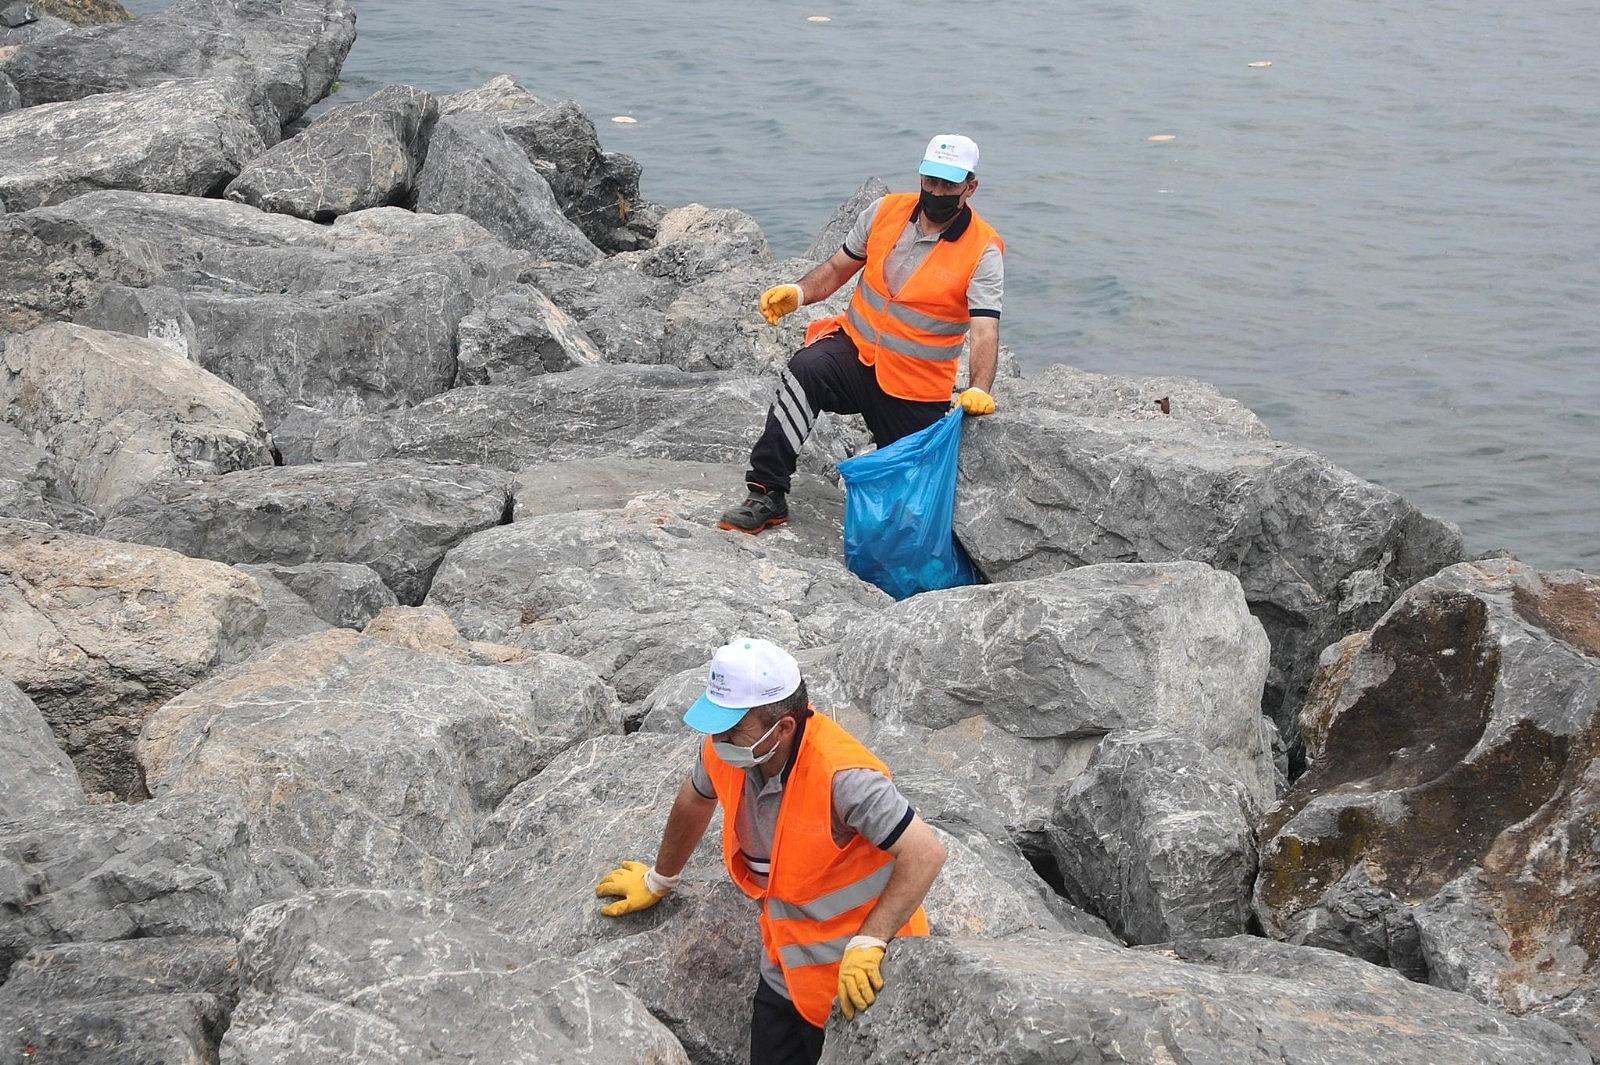 2021/06/zeytinburnunda-deniz-kirliligine-dikkat-cekmek-icin-kiyi-temizligi-yapildi-20210608AW33-3.jpg